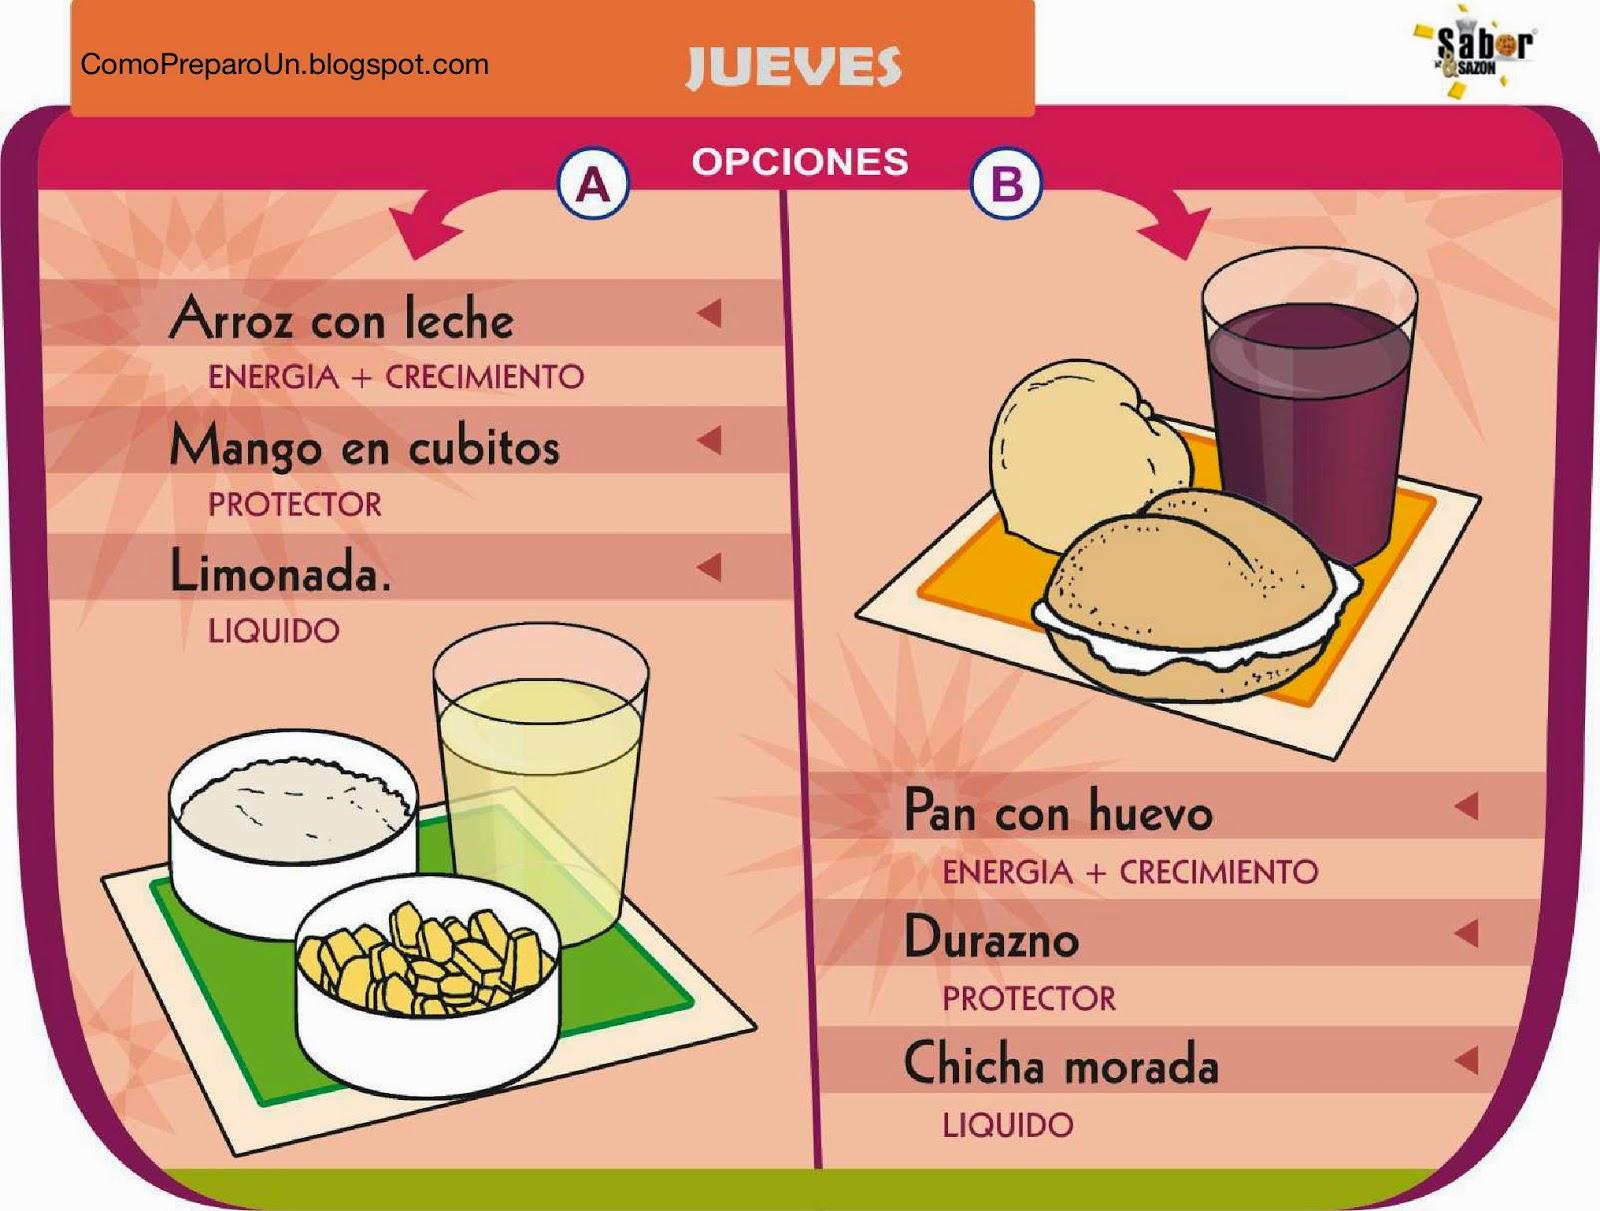 LONCHERAS NUTRITIVAS Y SALUDABLES PARA NIÑOS - Jueves